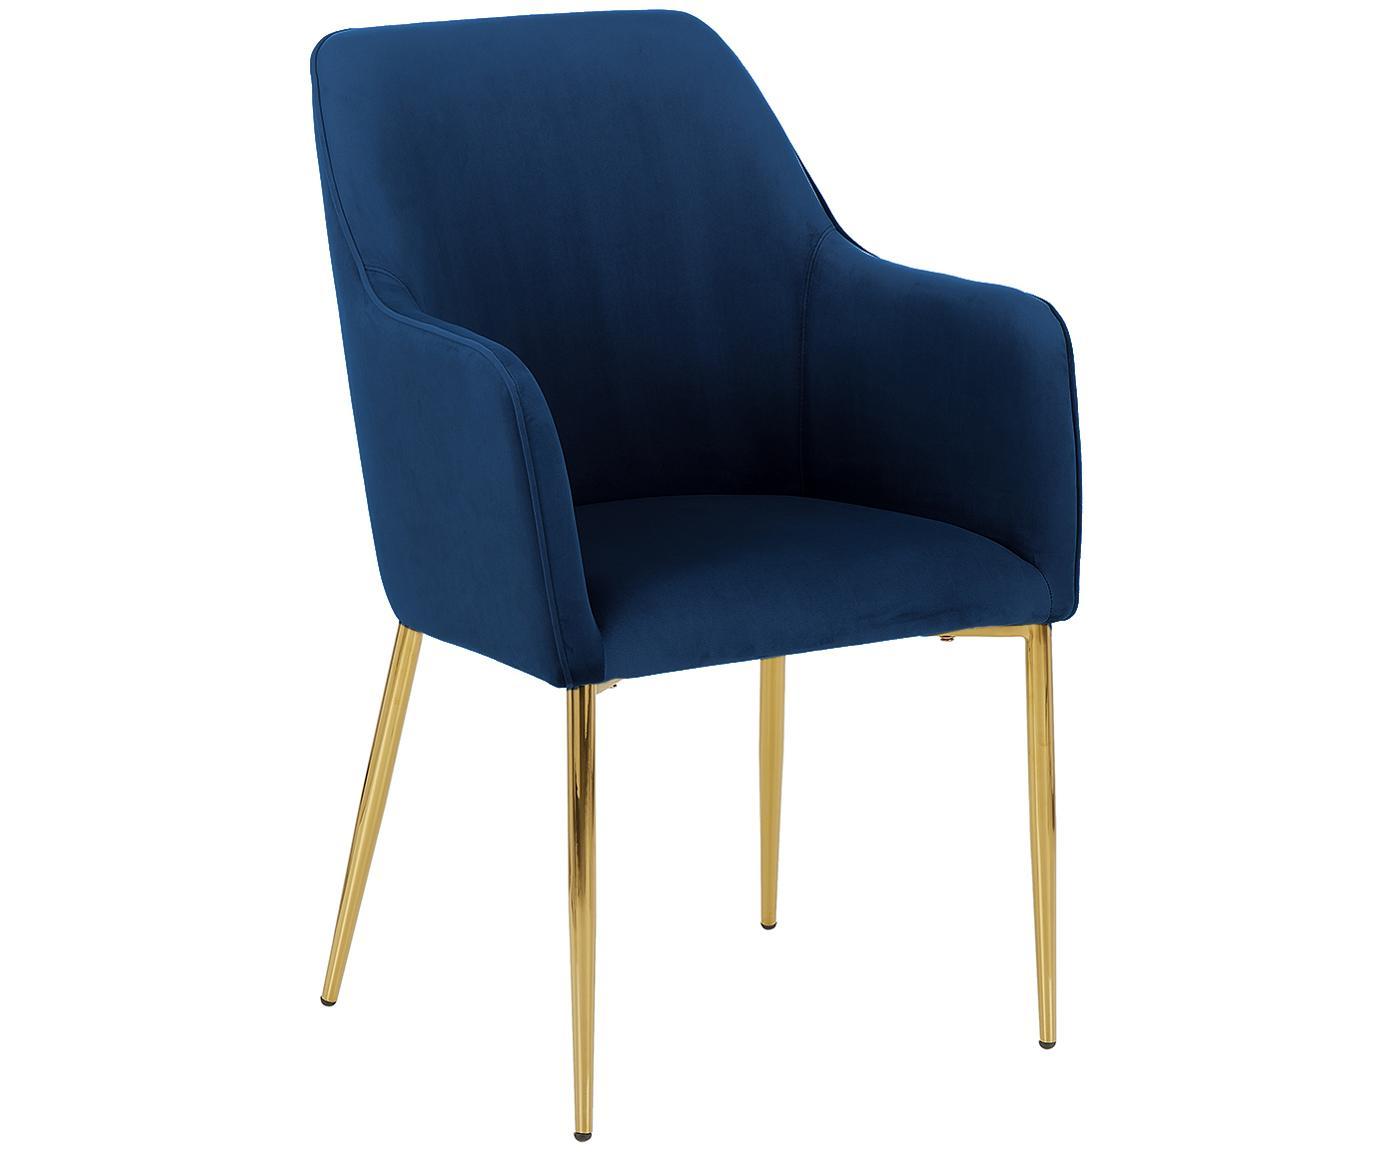 Samt-Armlehnstuhl Ava mit goldfarbenen Beinen, Bezug: Samt (Polyester) 50.000 S, Beine: Metall, galvanisiert, Dunkelblau, B 57 x T 63 cm